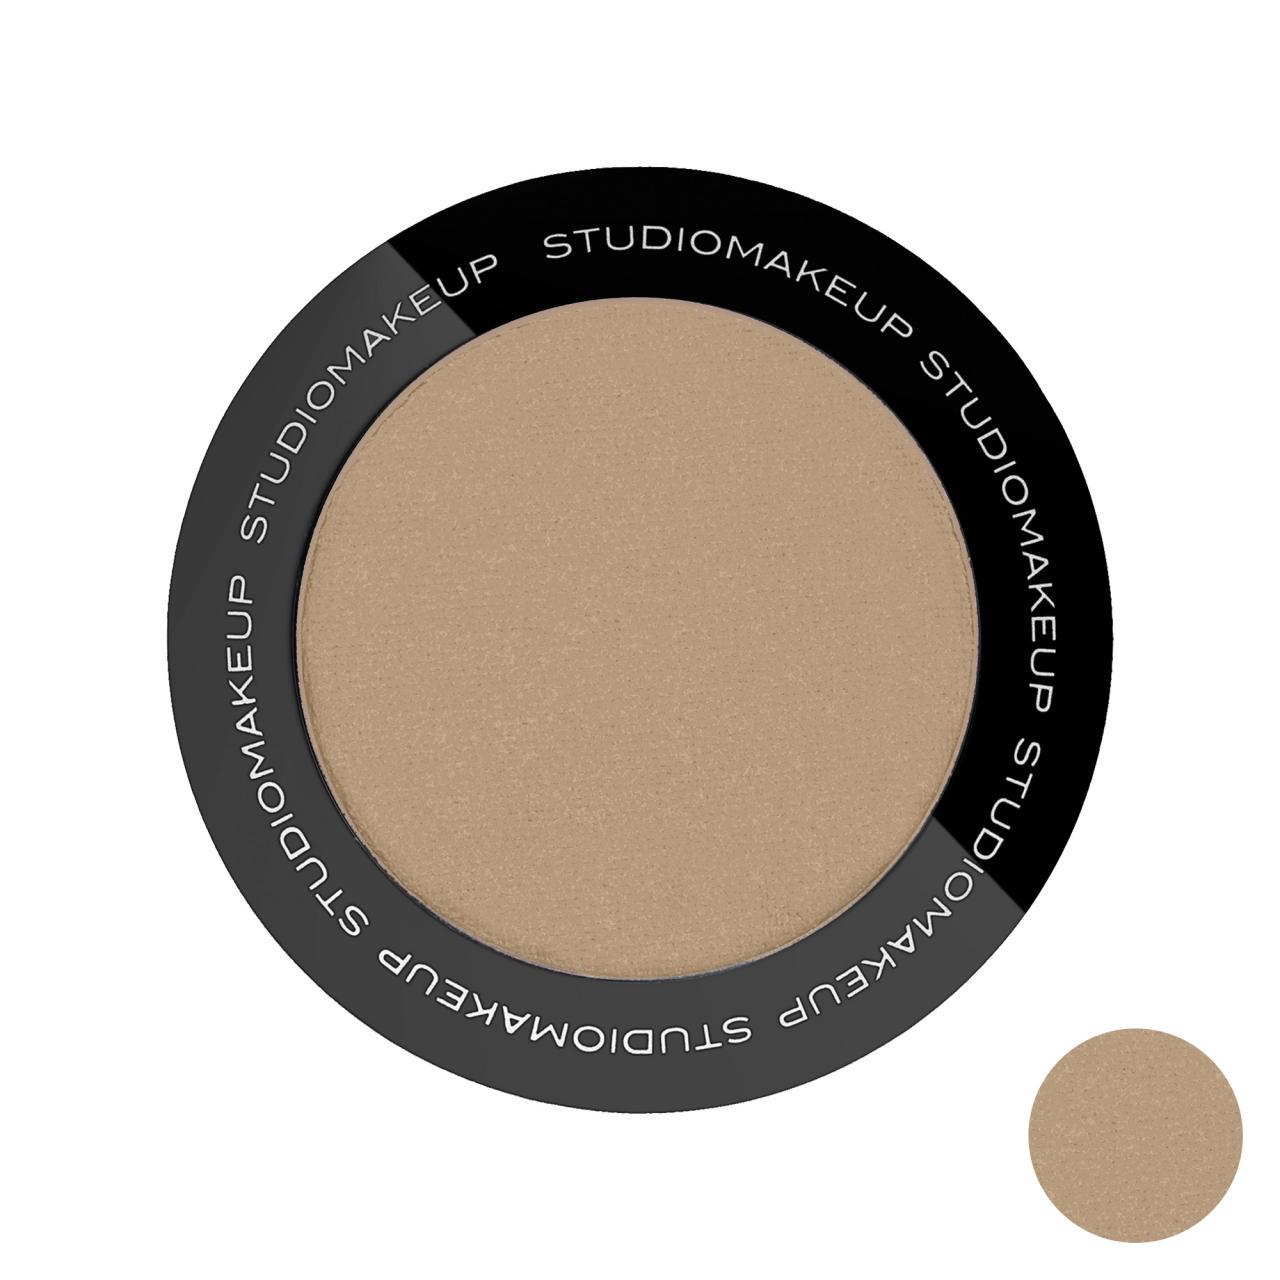 سایه چشم استودیو میکاپ مدل Soft Blend شماره 28